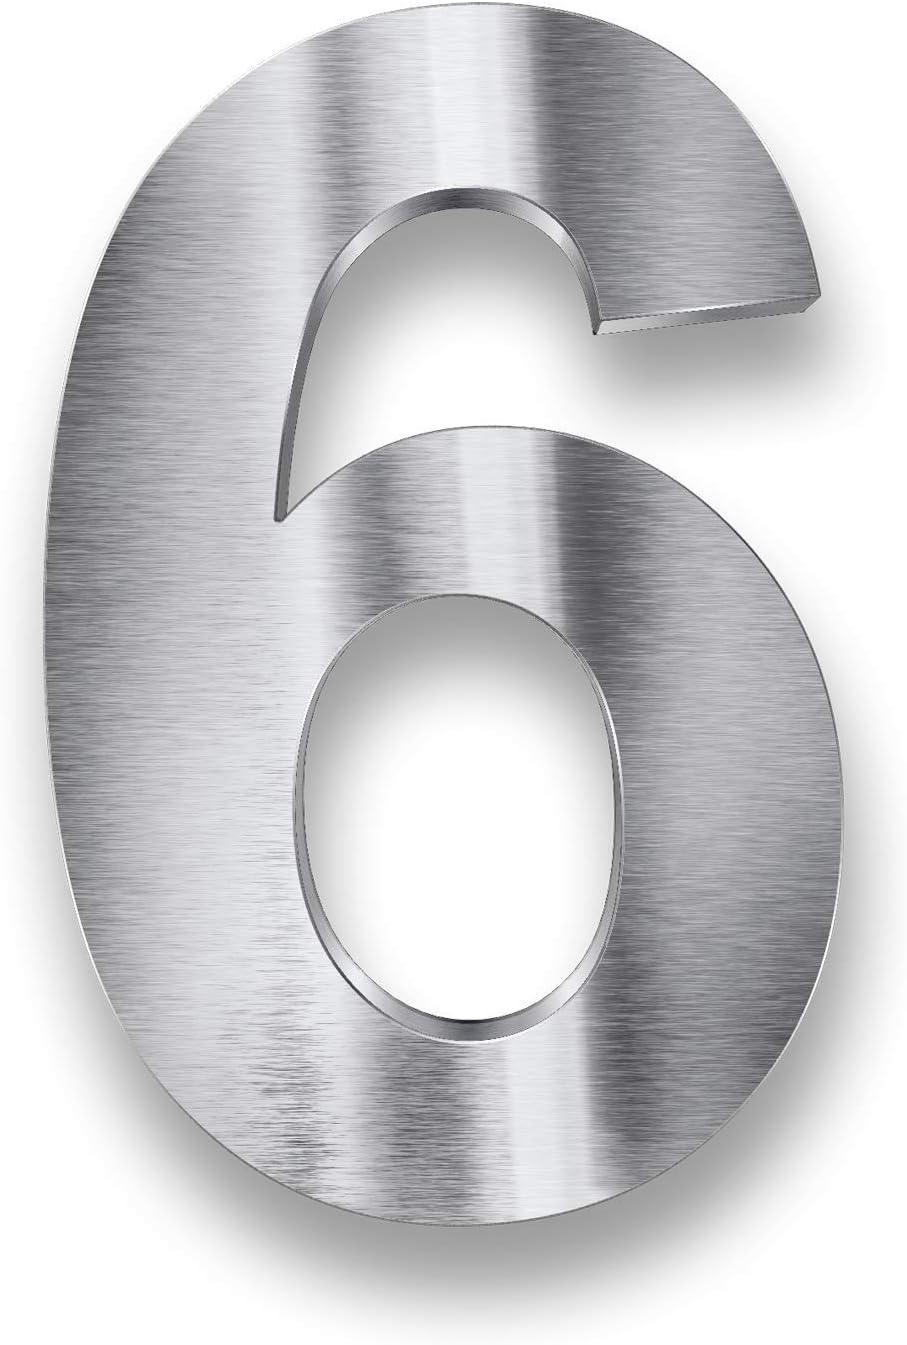 argent 6 Tous les chiffres et lettres Acier inoxydable V2A argent/é Num/éros de maison en 3D R/ésistant aux intemp/éries 20 cm